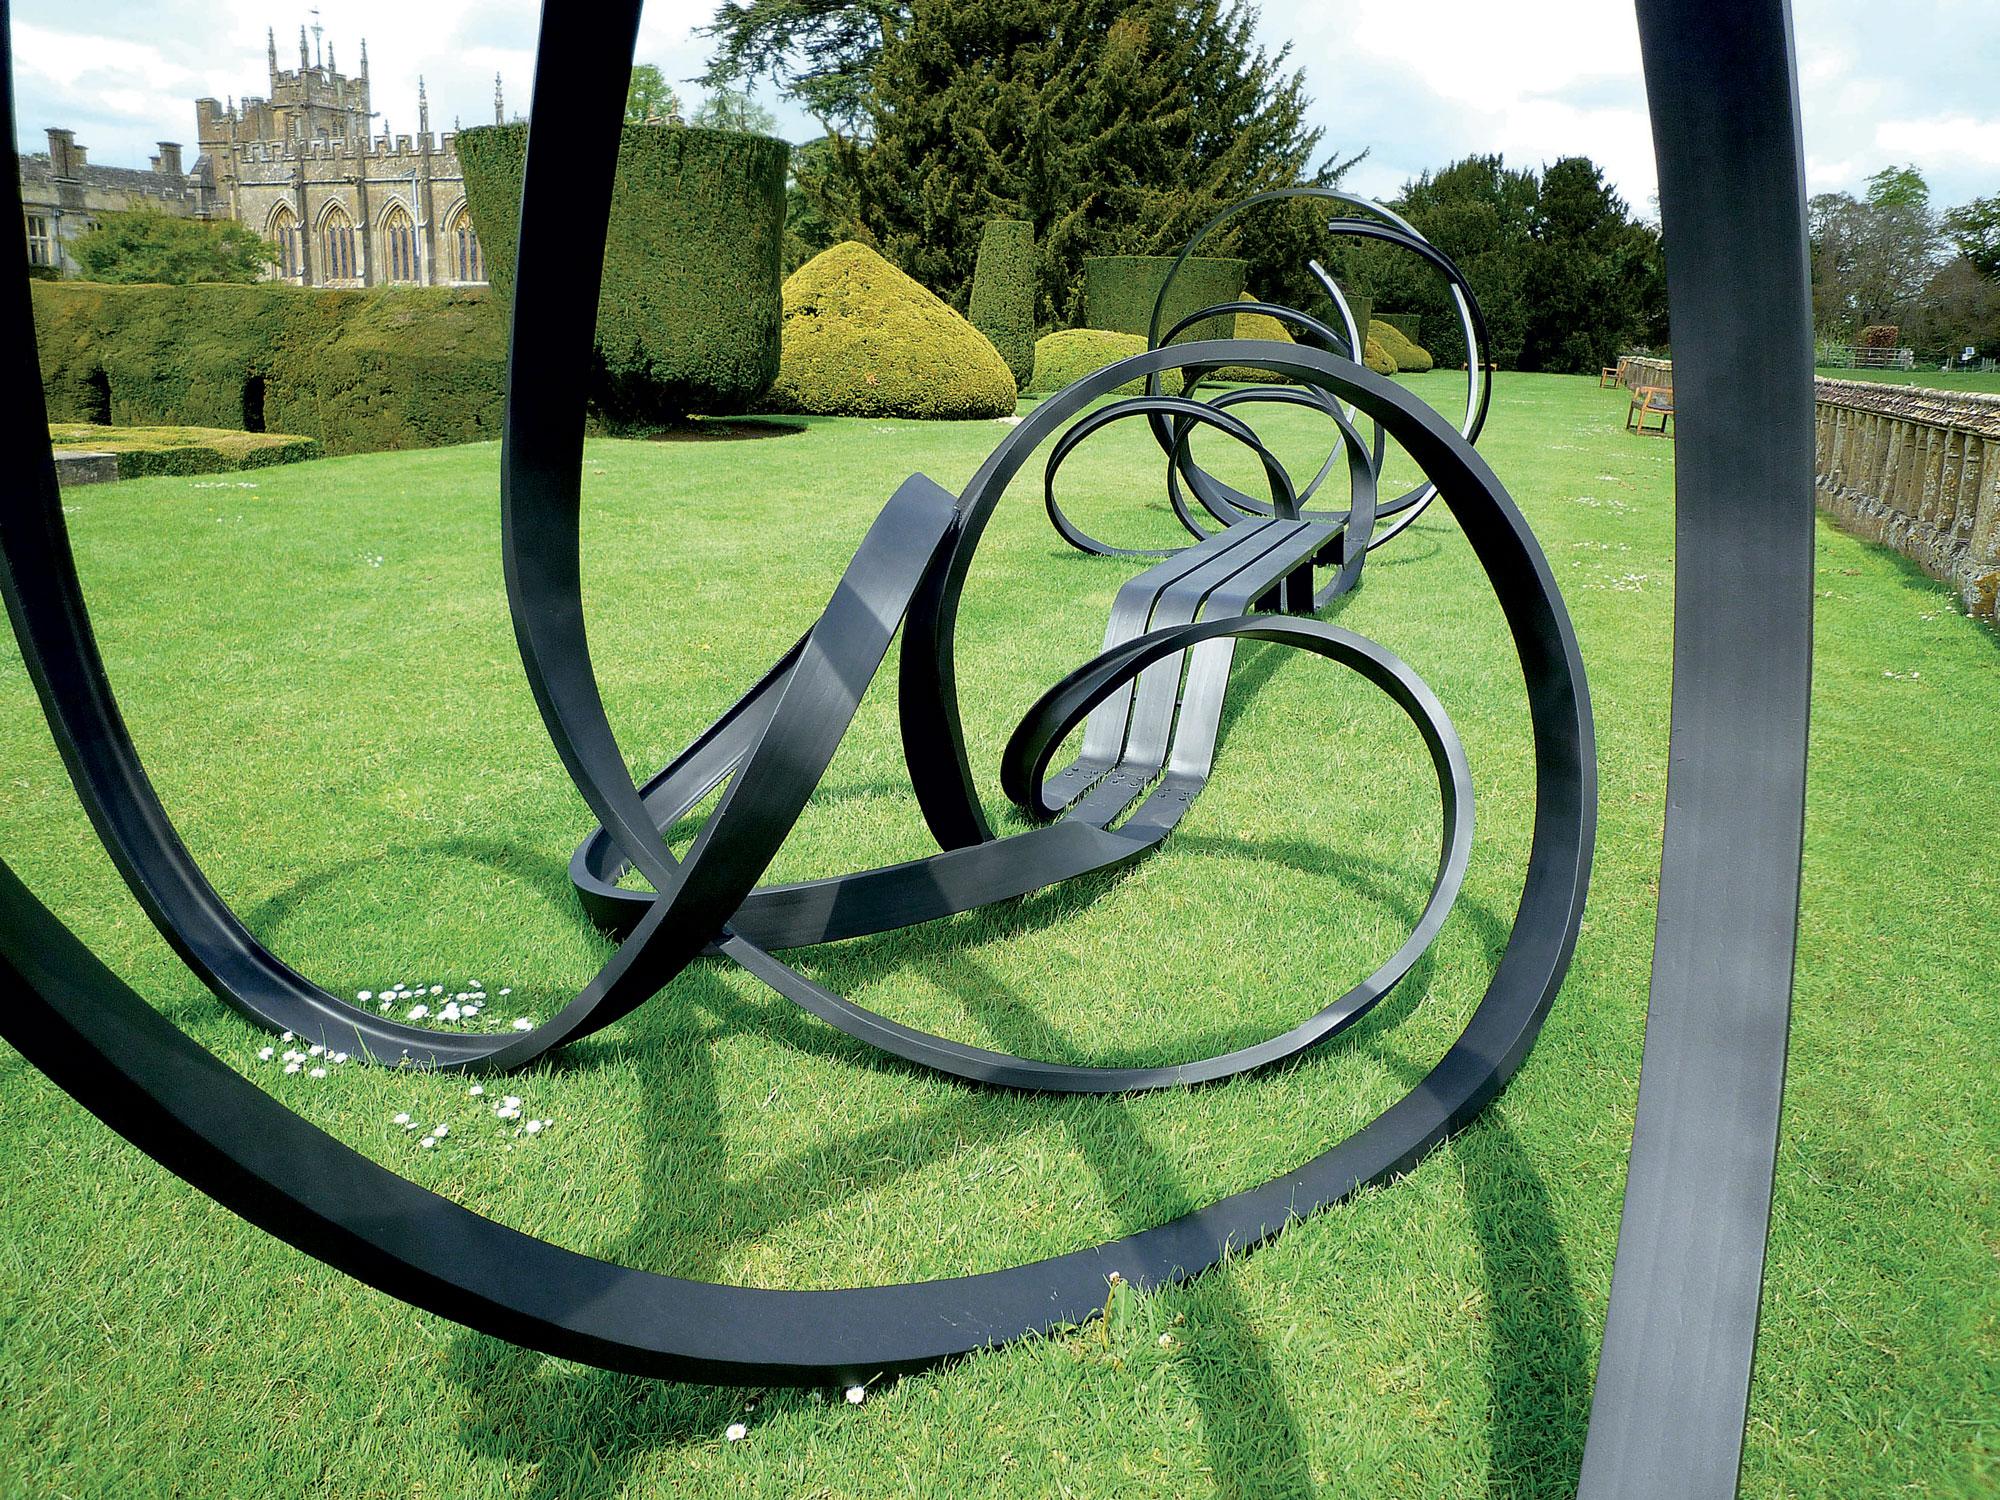 Garabatos sculpture by Pablo Reinoso